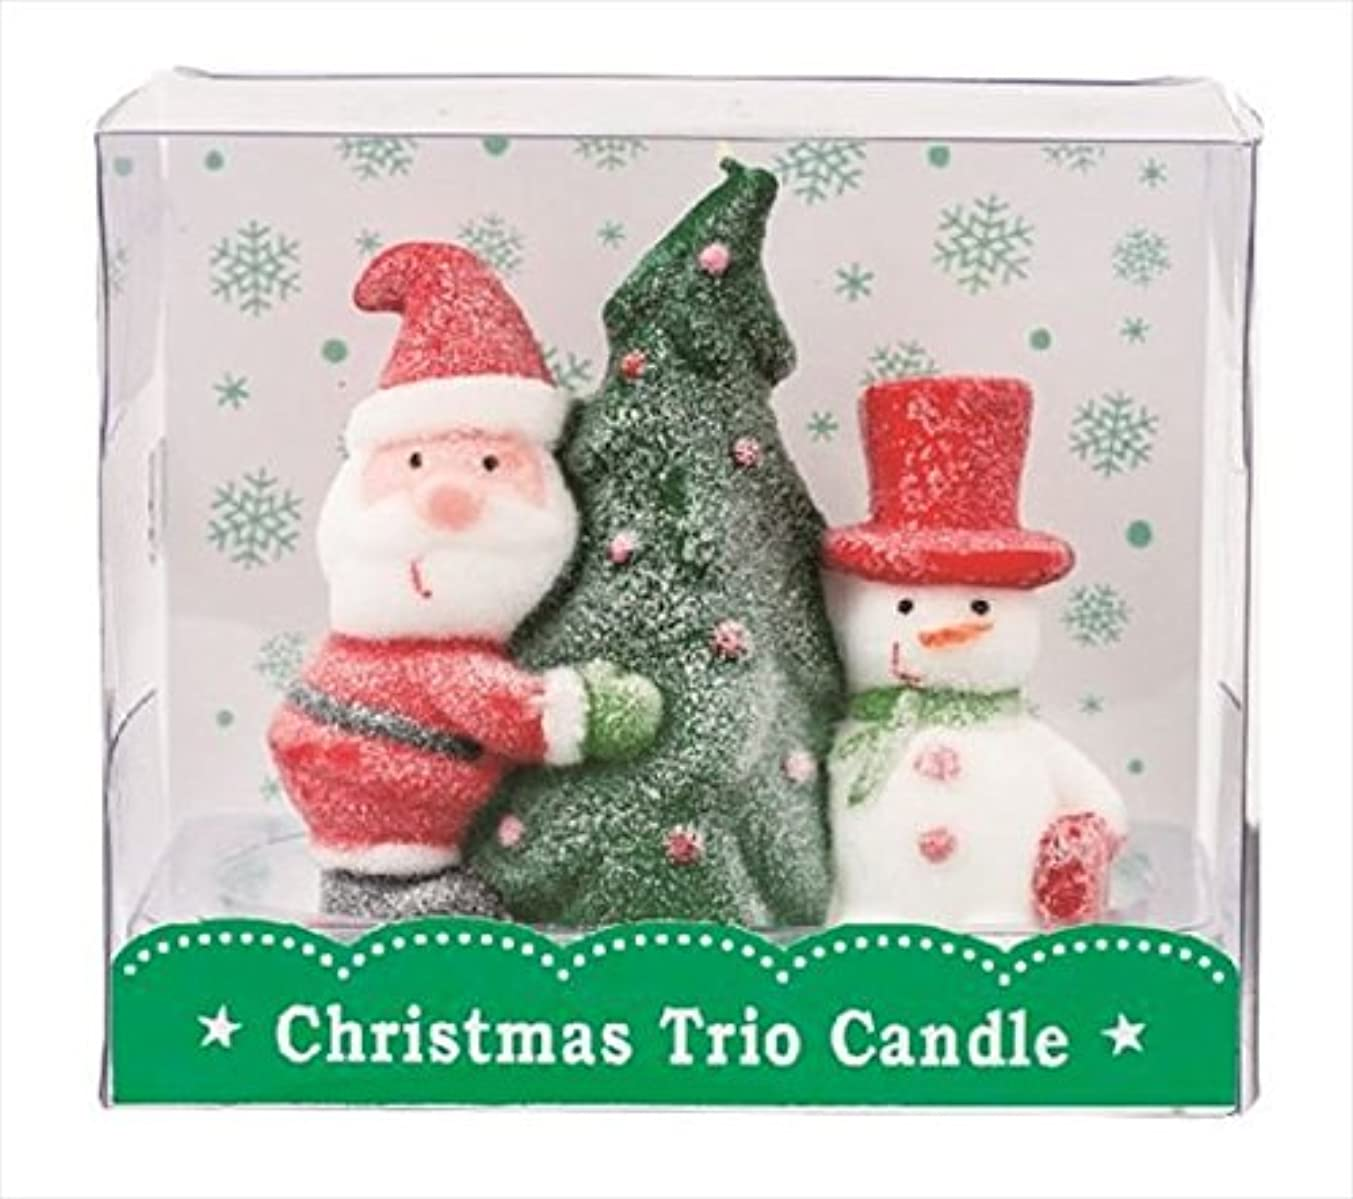 授業料うんざりディレクトリkameyama candle(カメヤマキャンドル) クリスマストリオキャンドル 「 ツリー 」(A3220020)